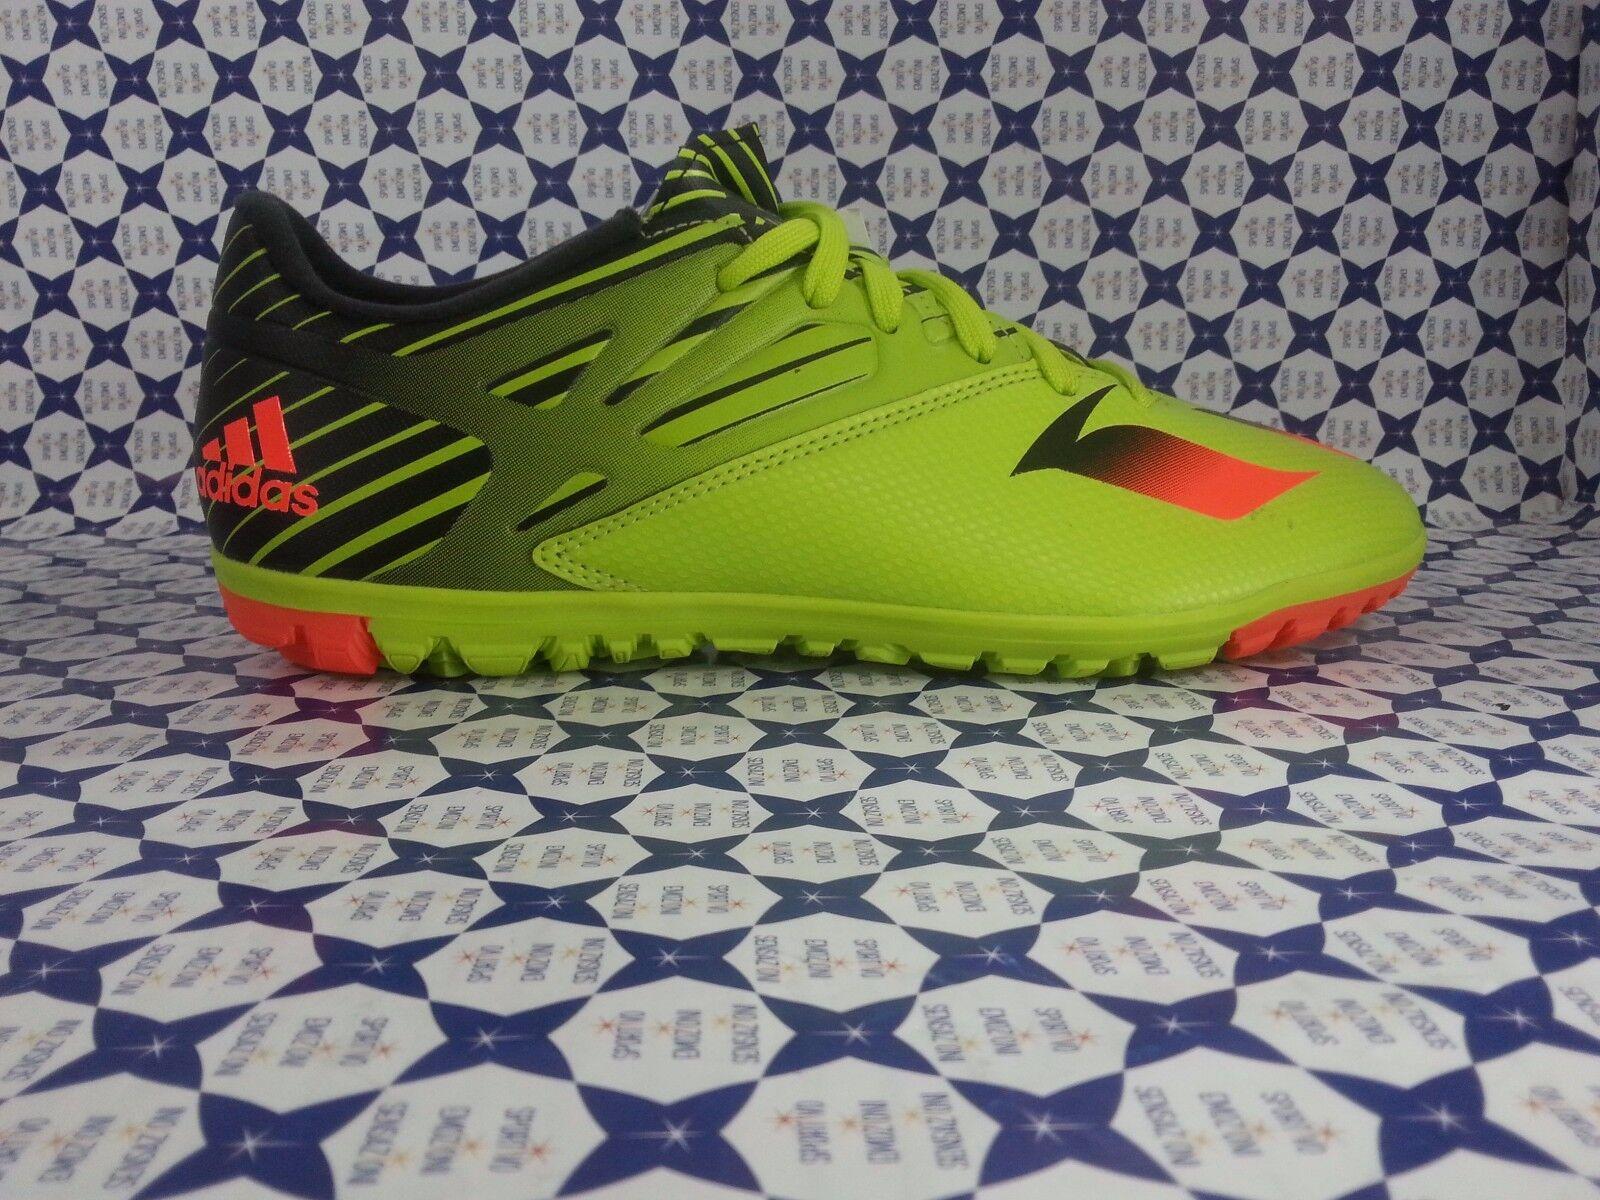 Zapatos 15.3  Calcetto Adidas Messi 15.3 Zapatos TF  Verde/Nero  S74696 864 2c8f4e